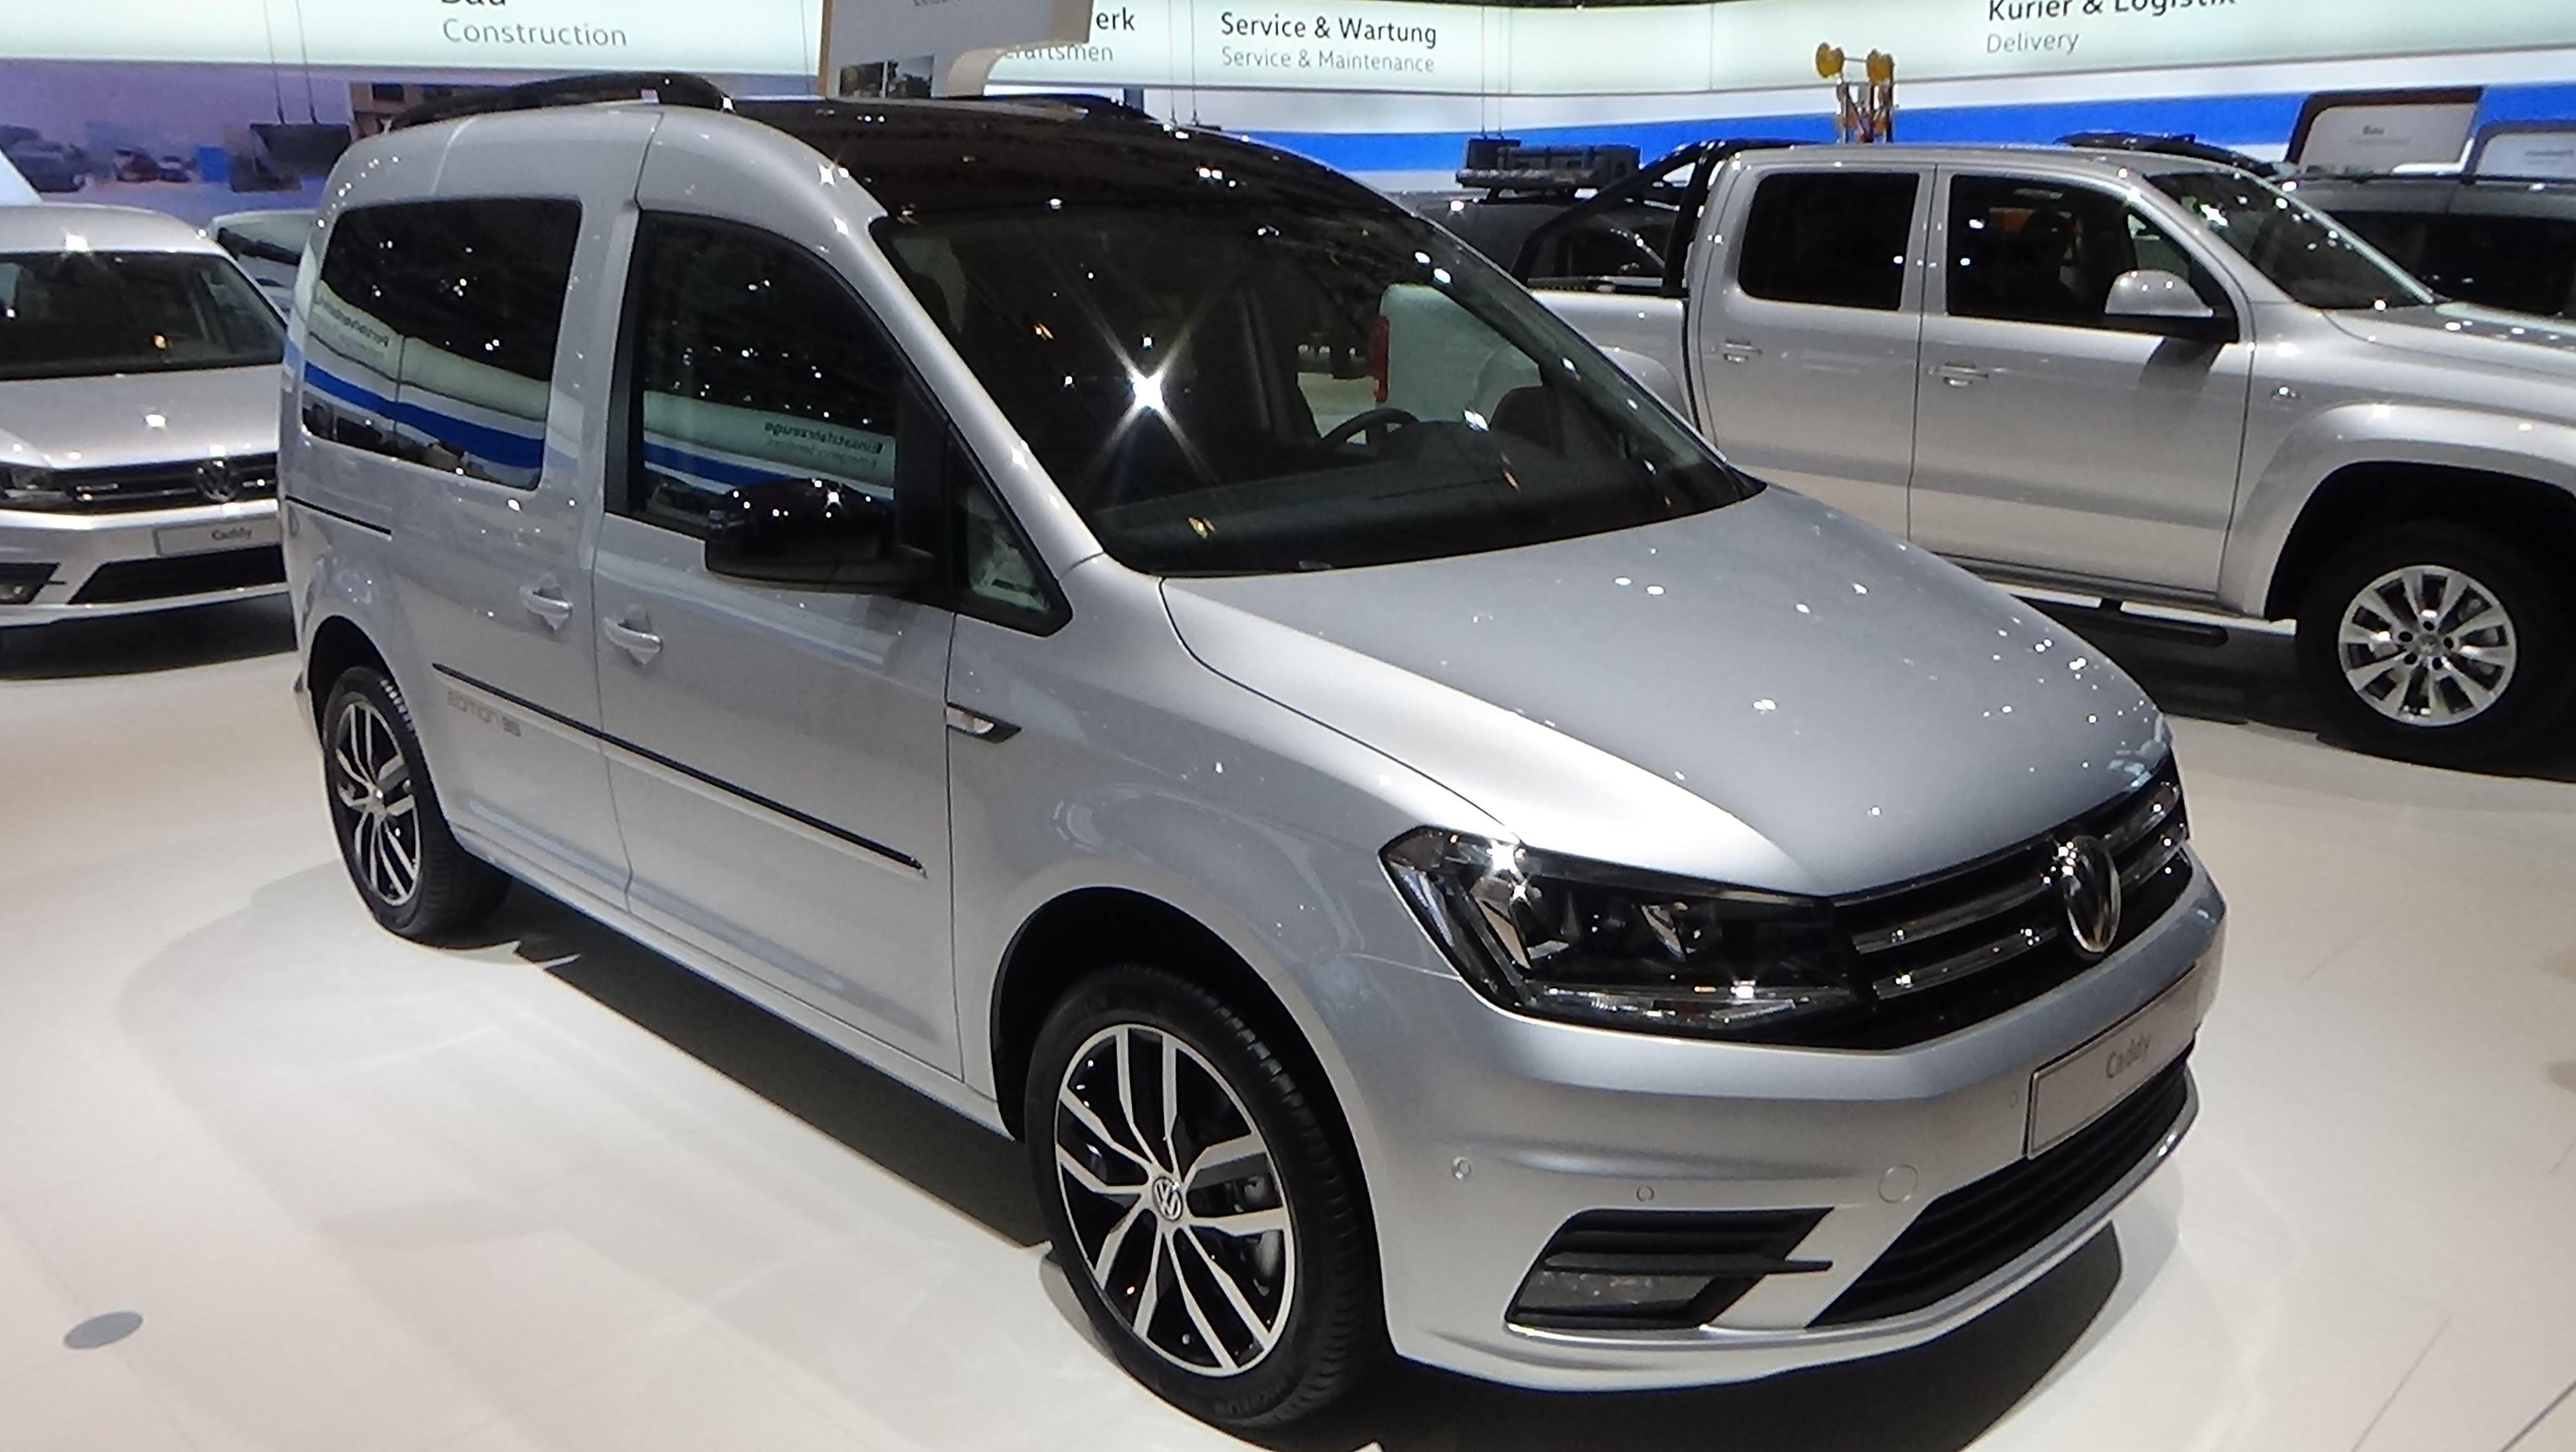 Rediseñado en su reconversión para ser comercial y más turístico con nuevos sistemas de seguridad y de conducción que afiancen su presencia en el mercado después de vender más de 1.5 millones de unidades en el mundo del Caddy.